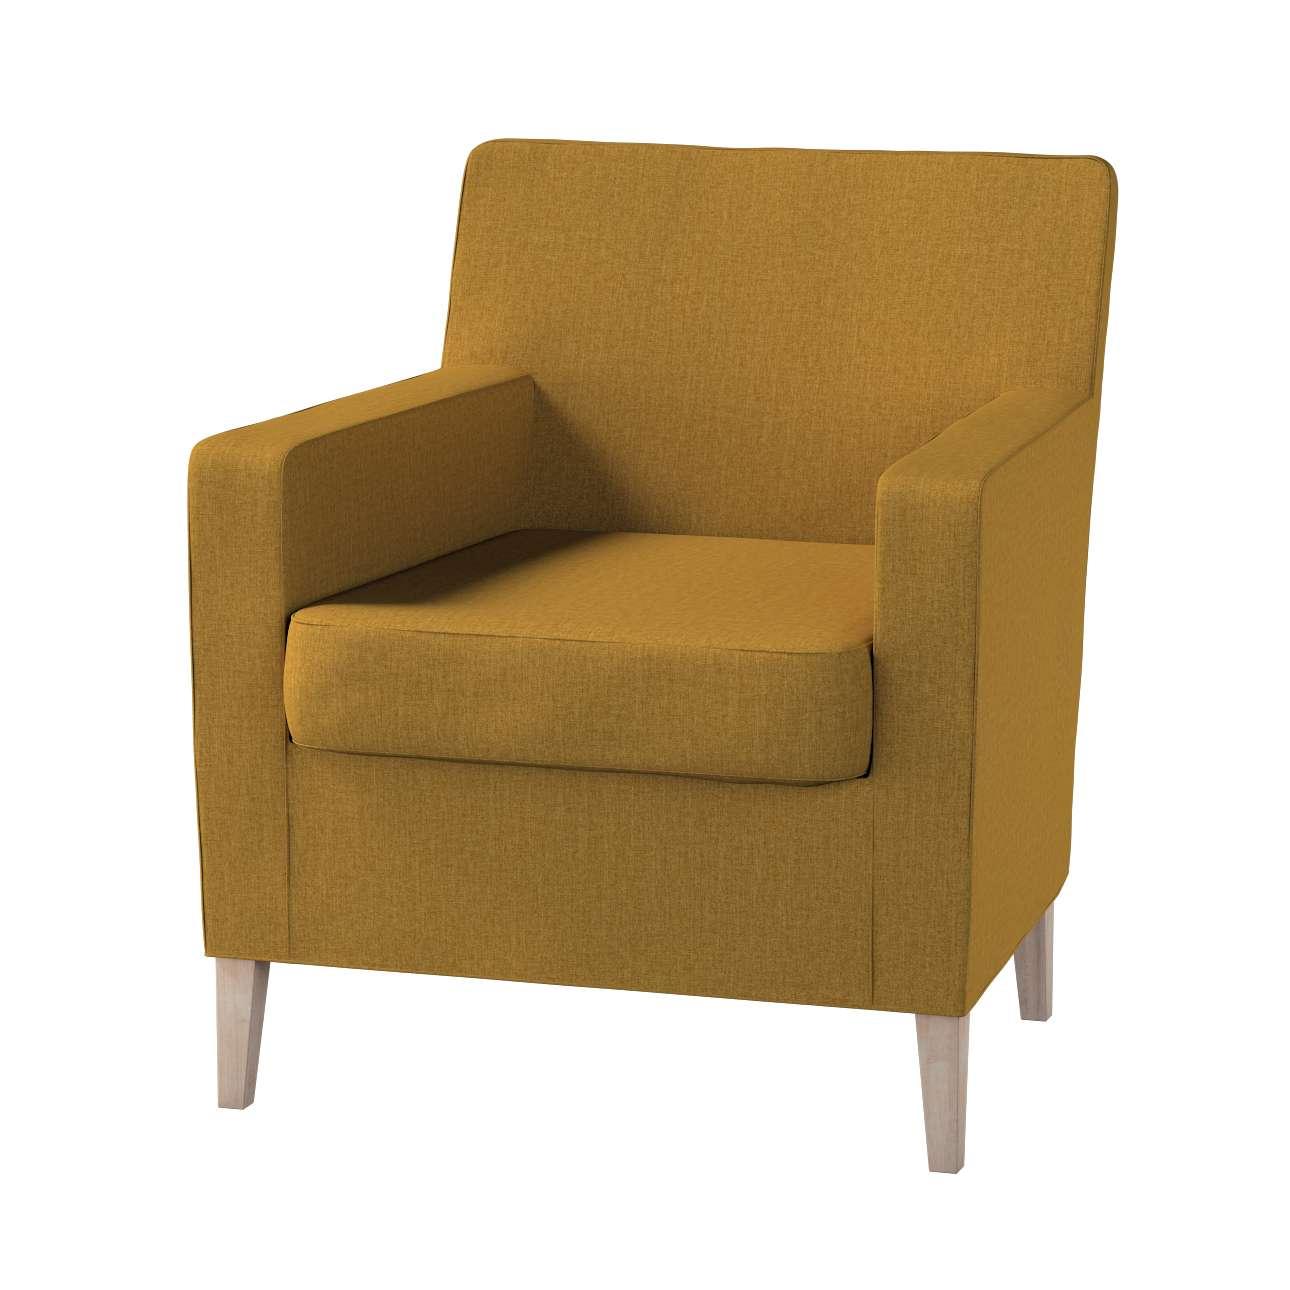 Pokrowiec na fotel Karlstad w kolekcji City, tkanina: 704-82